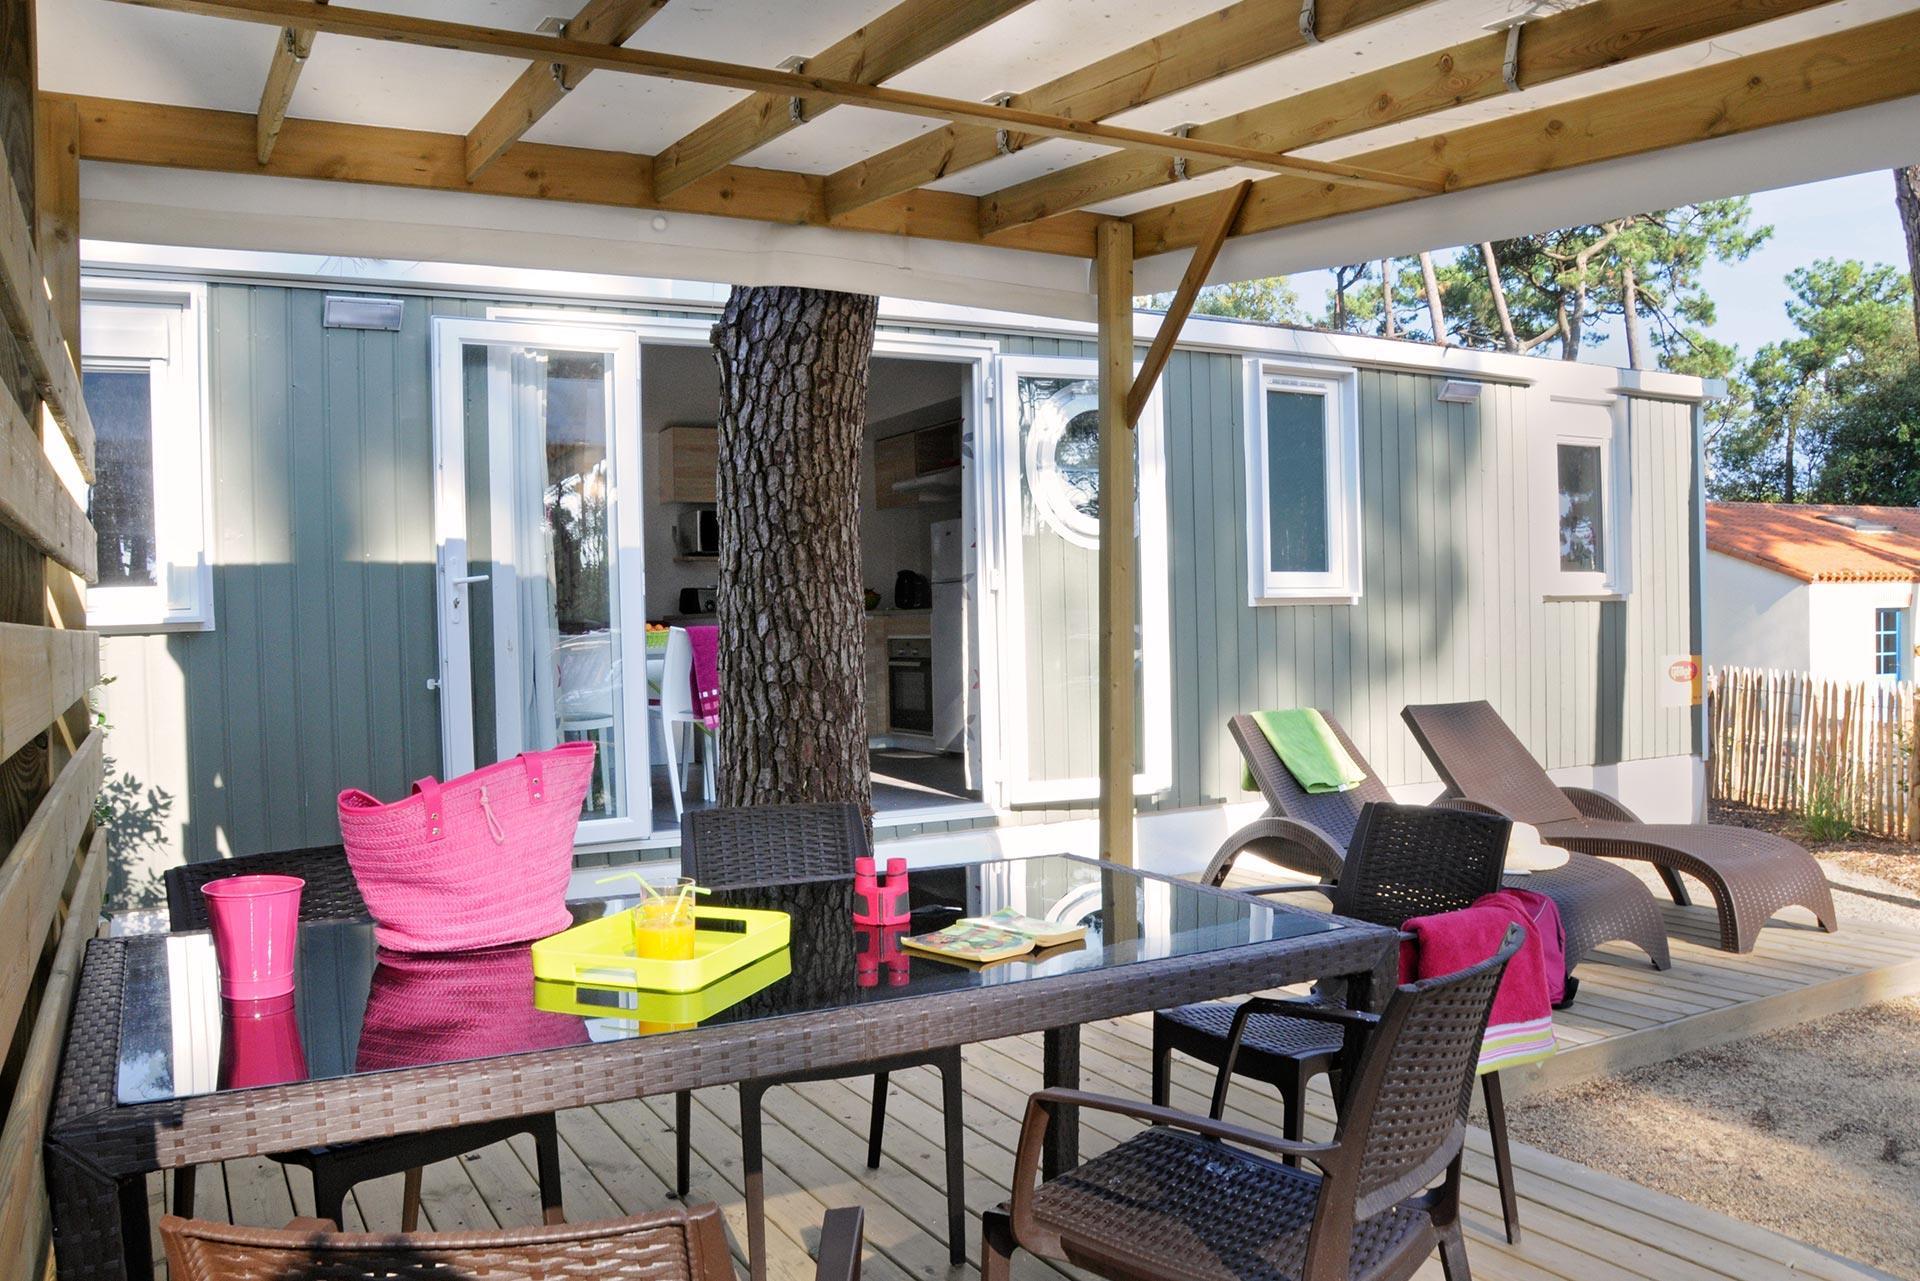 Location - Cottage Premium 3 Chambres - 2 Salles De Bain - Camping Sandaya Le Littoral